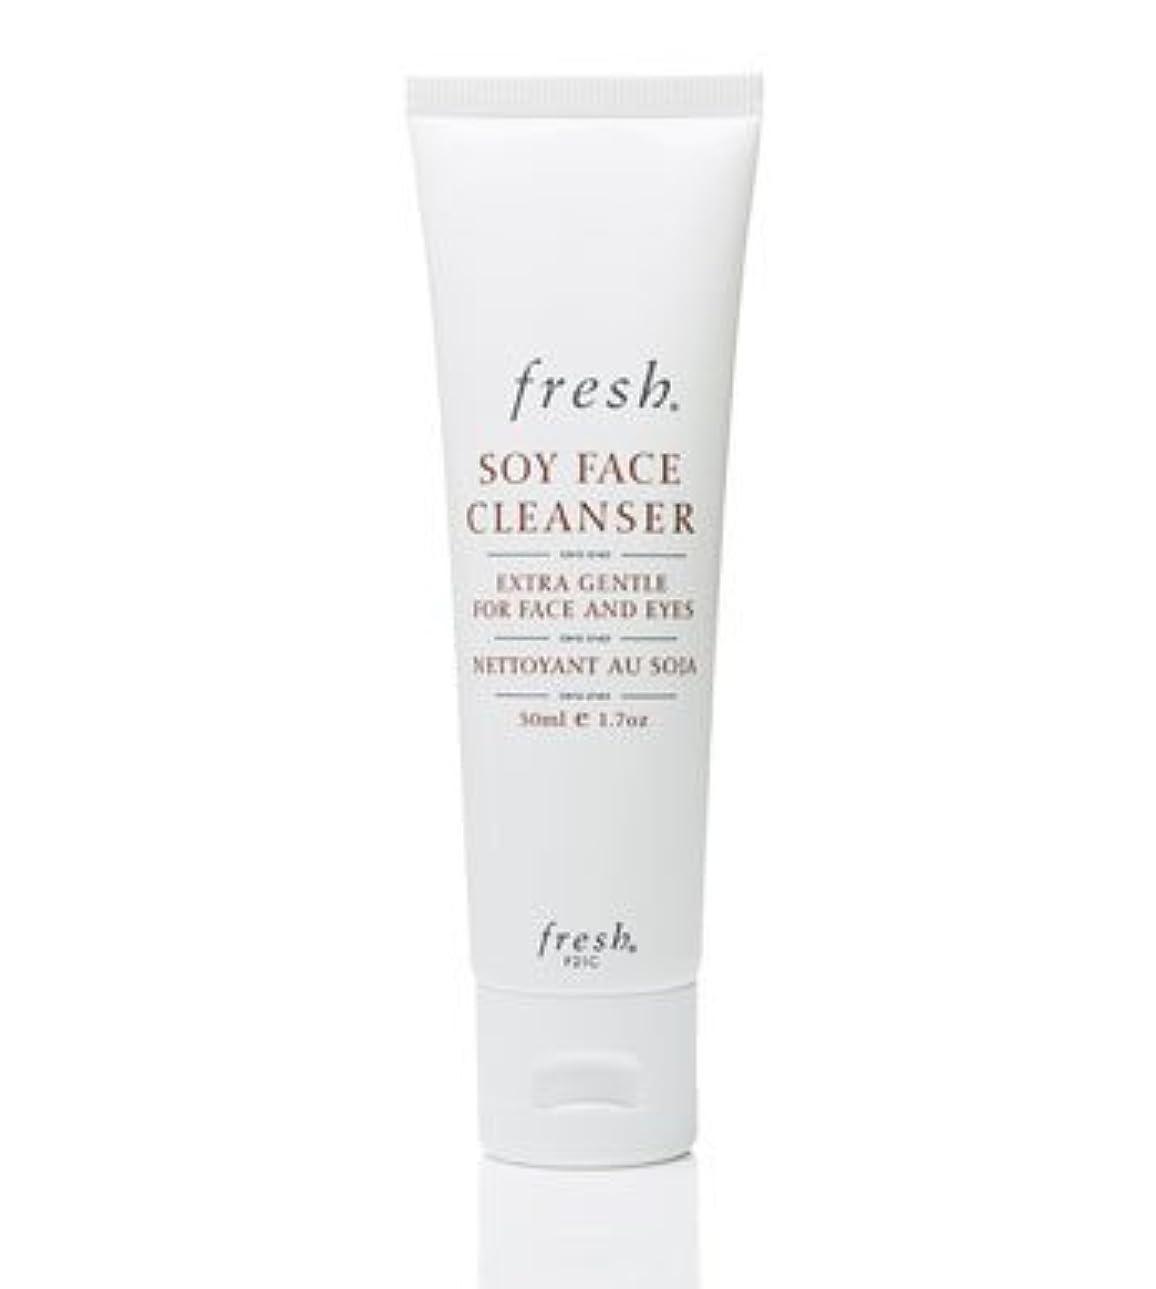 浸すポンペイフローティングFresh SOY FACE CLEANSER (フレッシュ ソイ フェイスクレンザー) 1.7 oz (50ml) by Fresh for Women